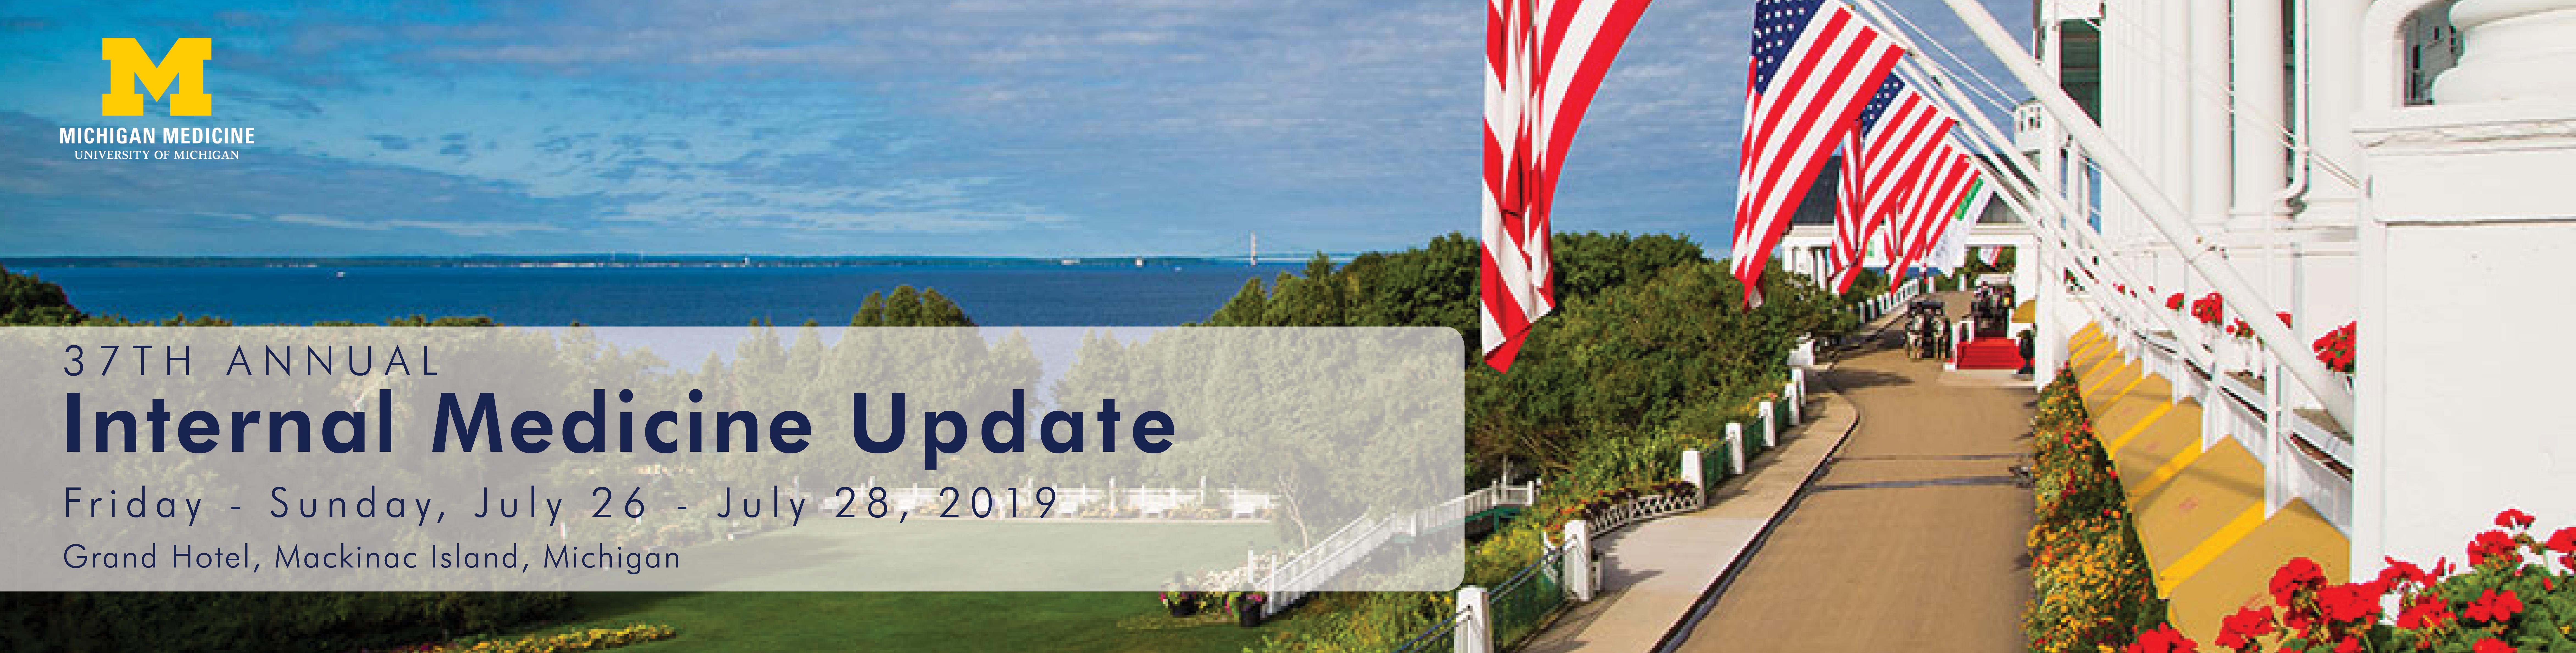 37th Annual Internal Medicine Update